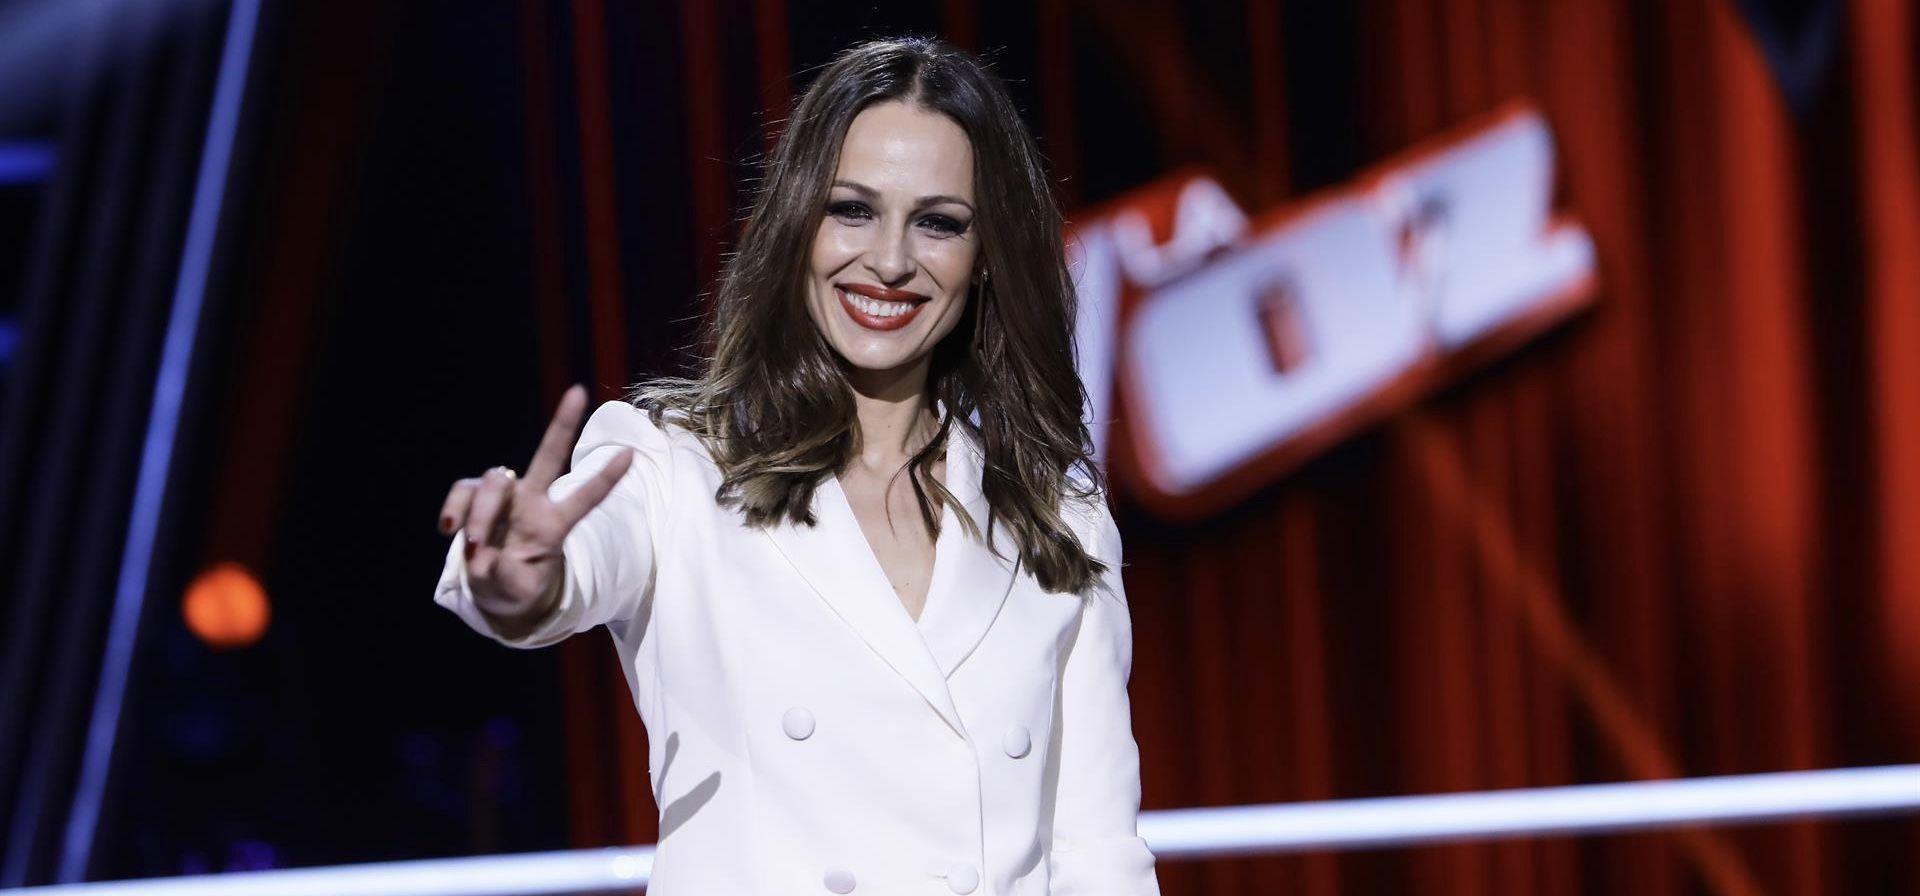 La presentadora de televisión Eva González conducirá el acto institucional del 28F en el Teatro de la Maestranza